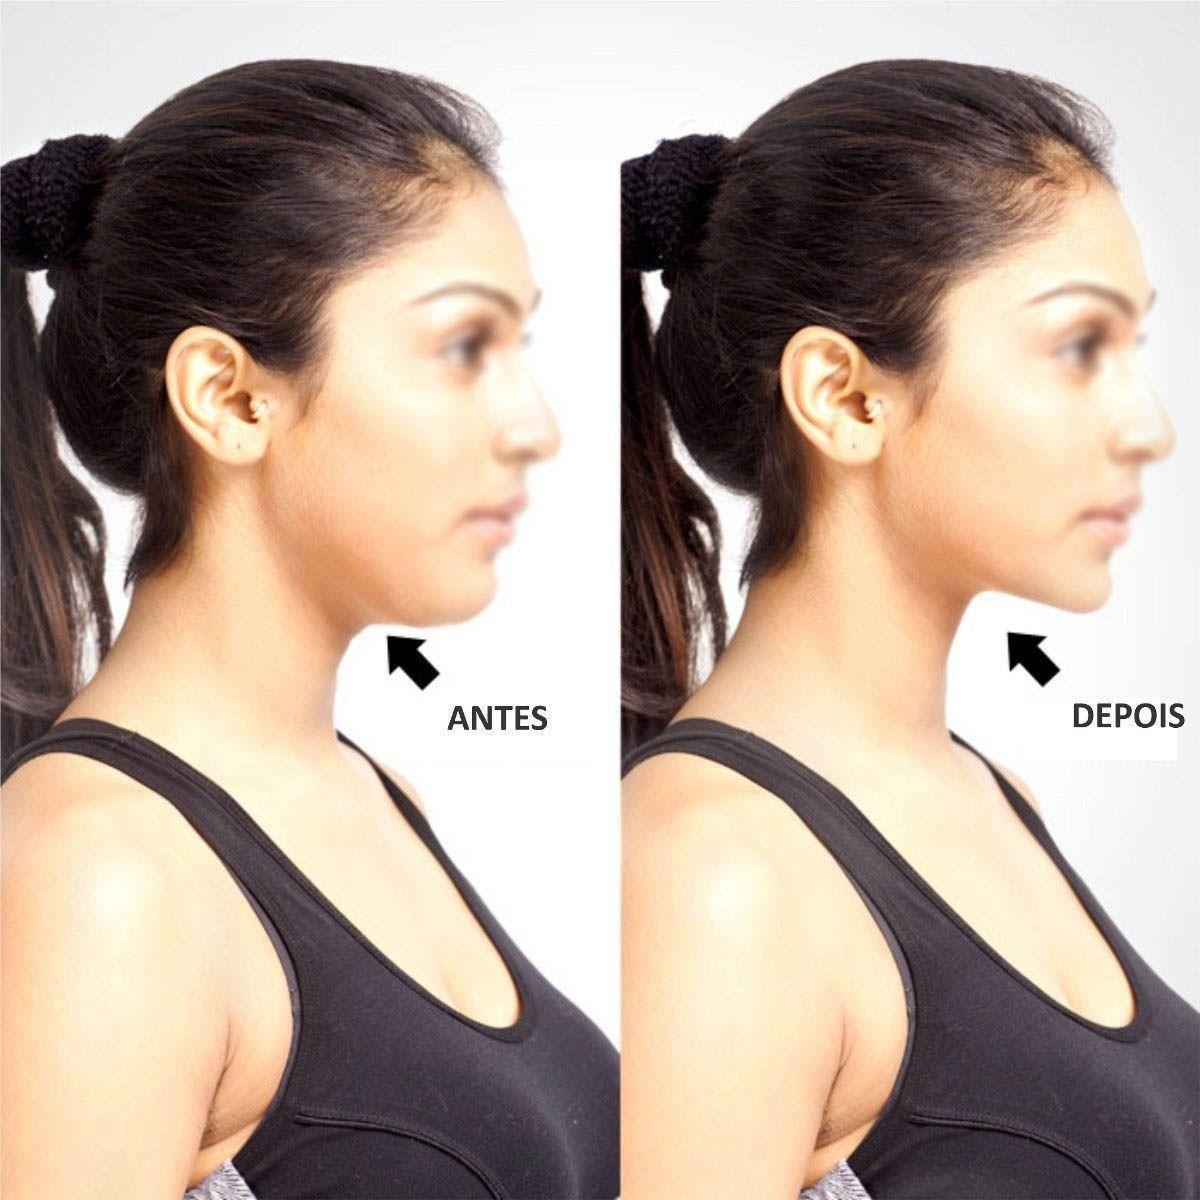 Remove Papada Massageador Pescoco Musculo Beleza Exercitador